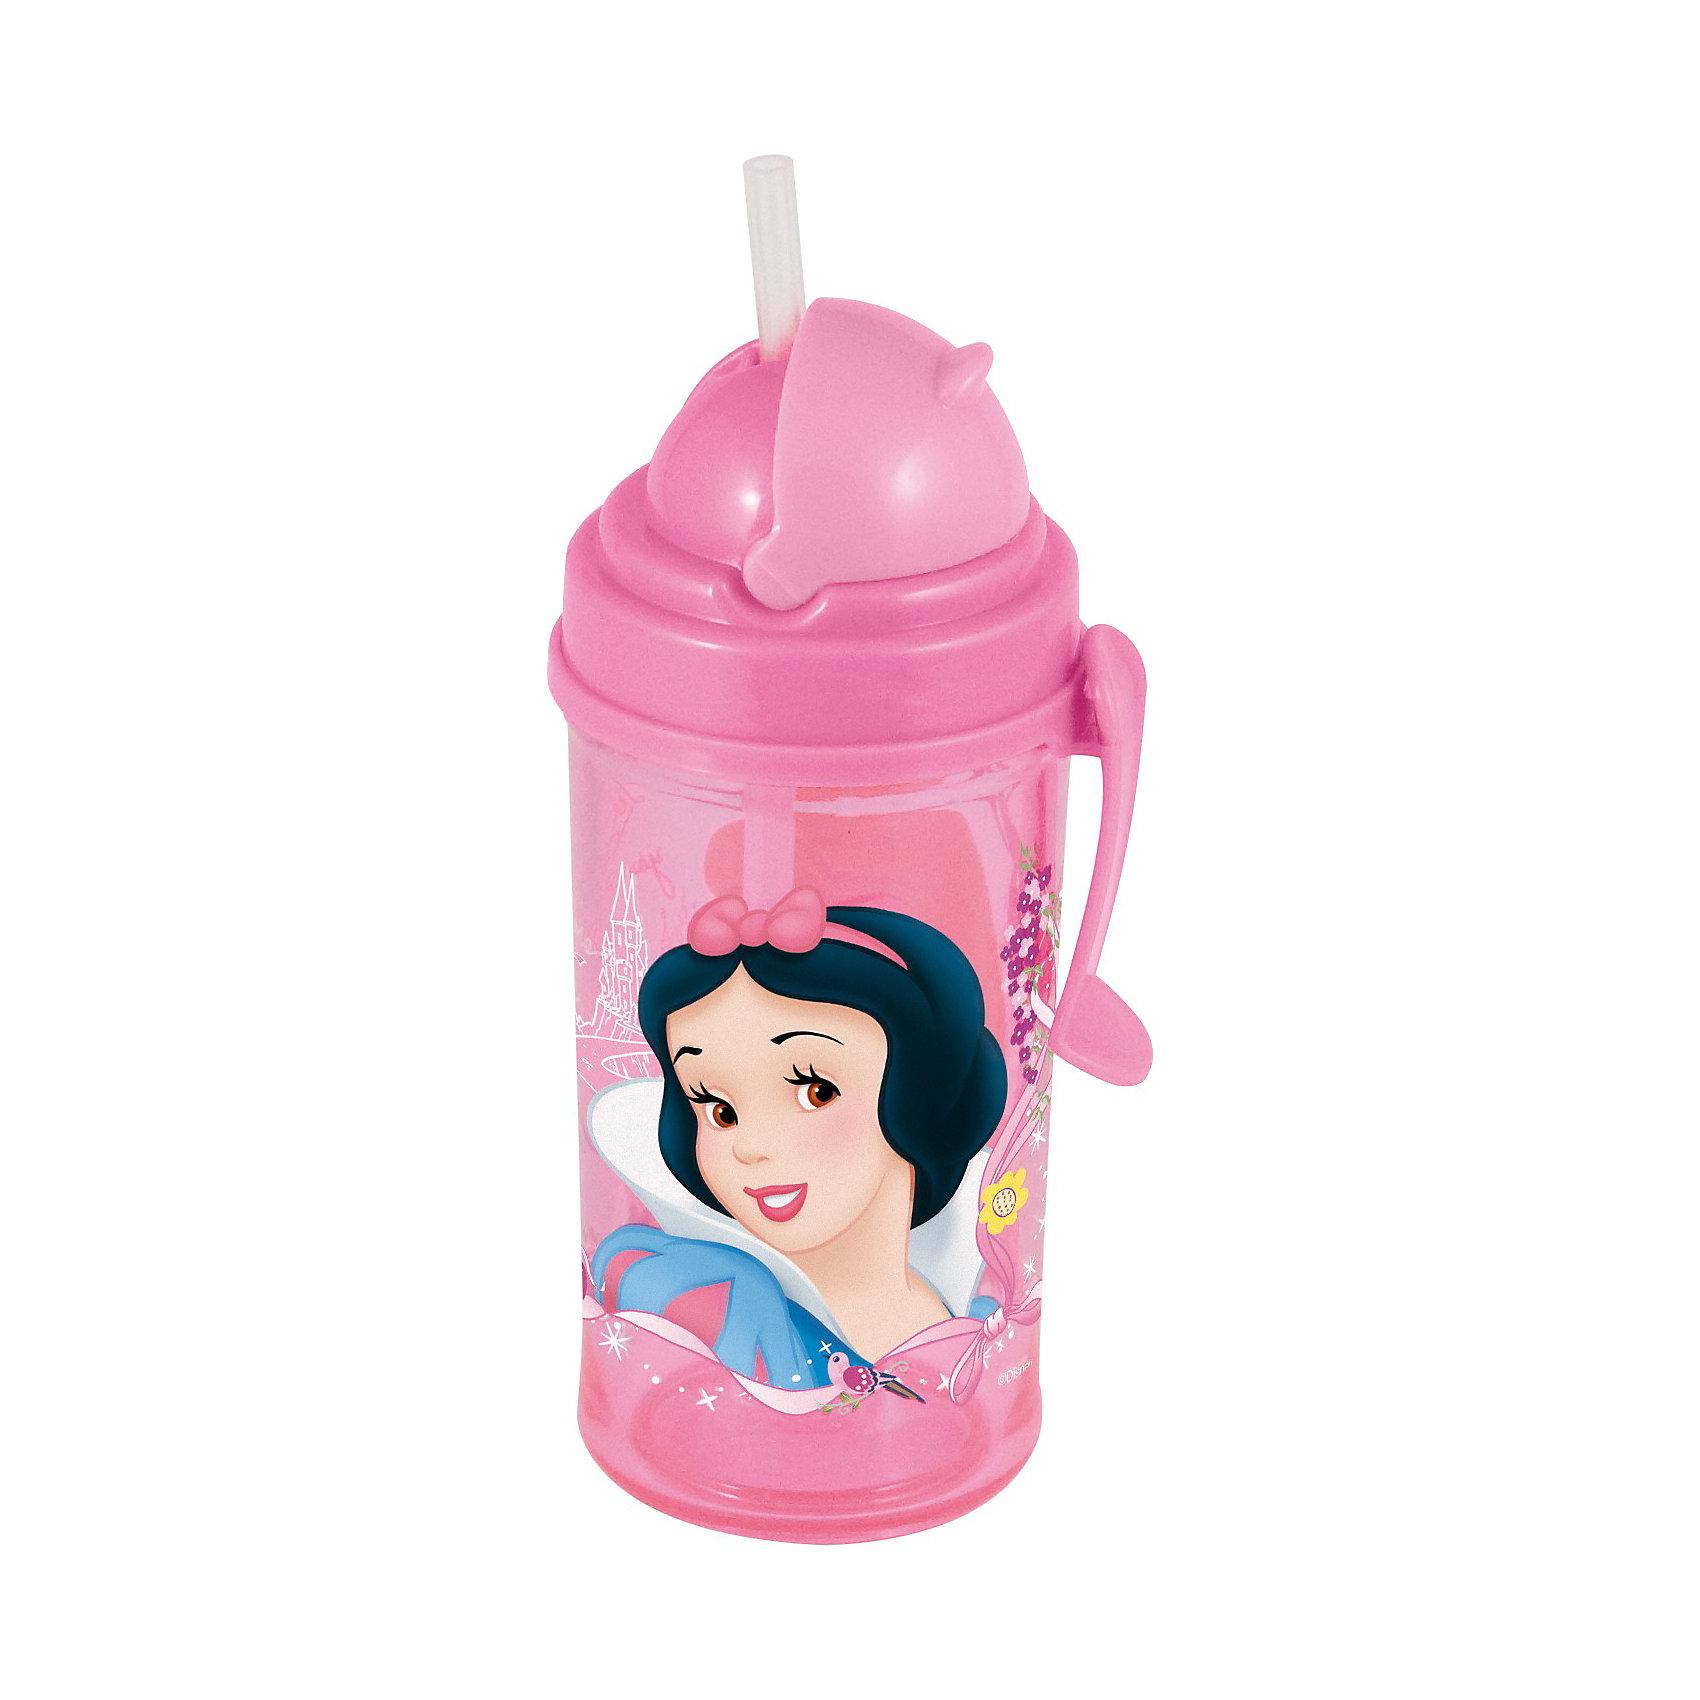 Новый Диск Disney Princess Фляга с соломинкой и держателем (350 мл). Принцессы disney princess disney princess спрей кондиционер для волос детский 200 мл